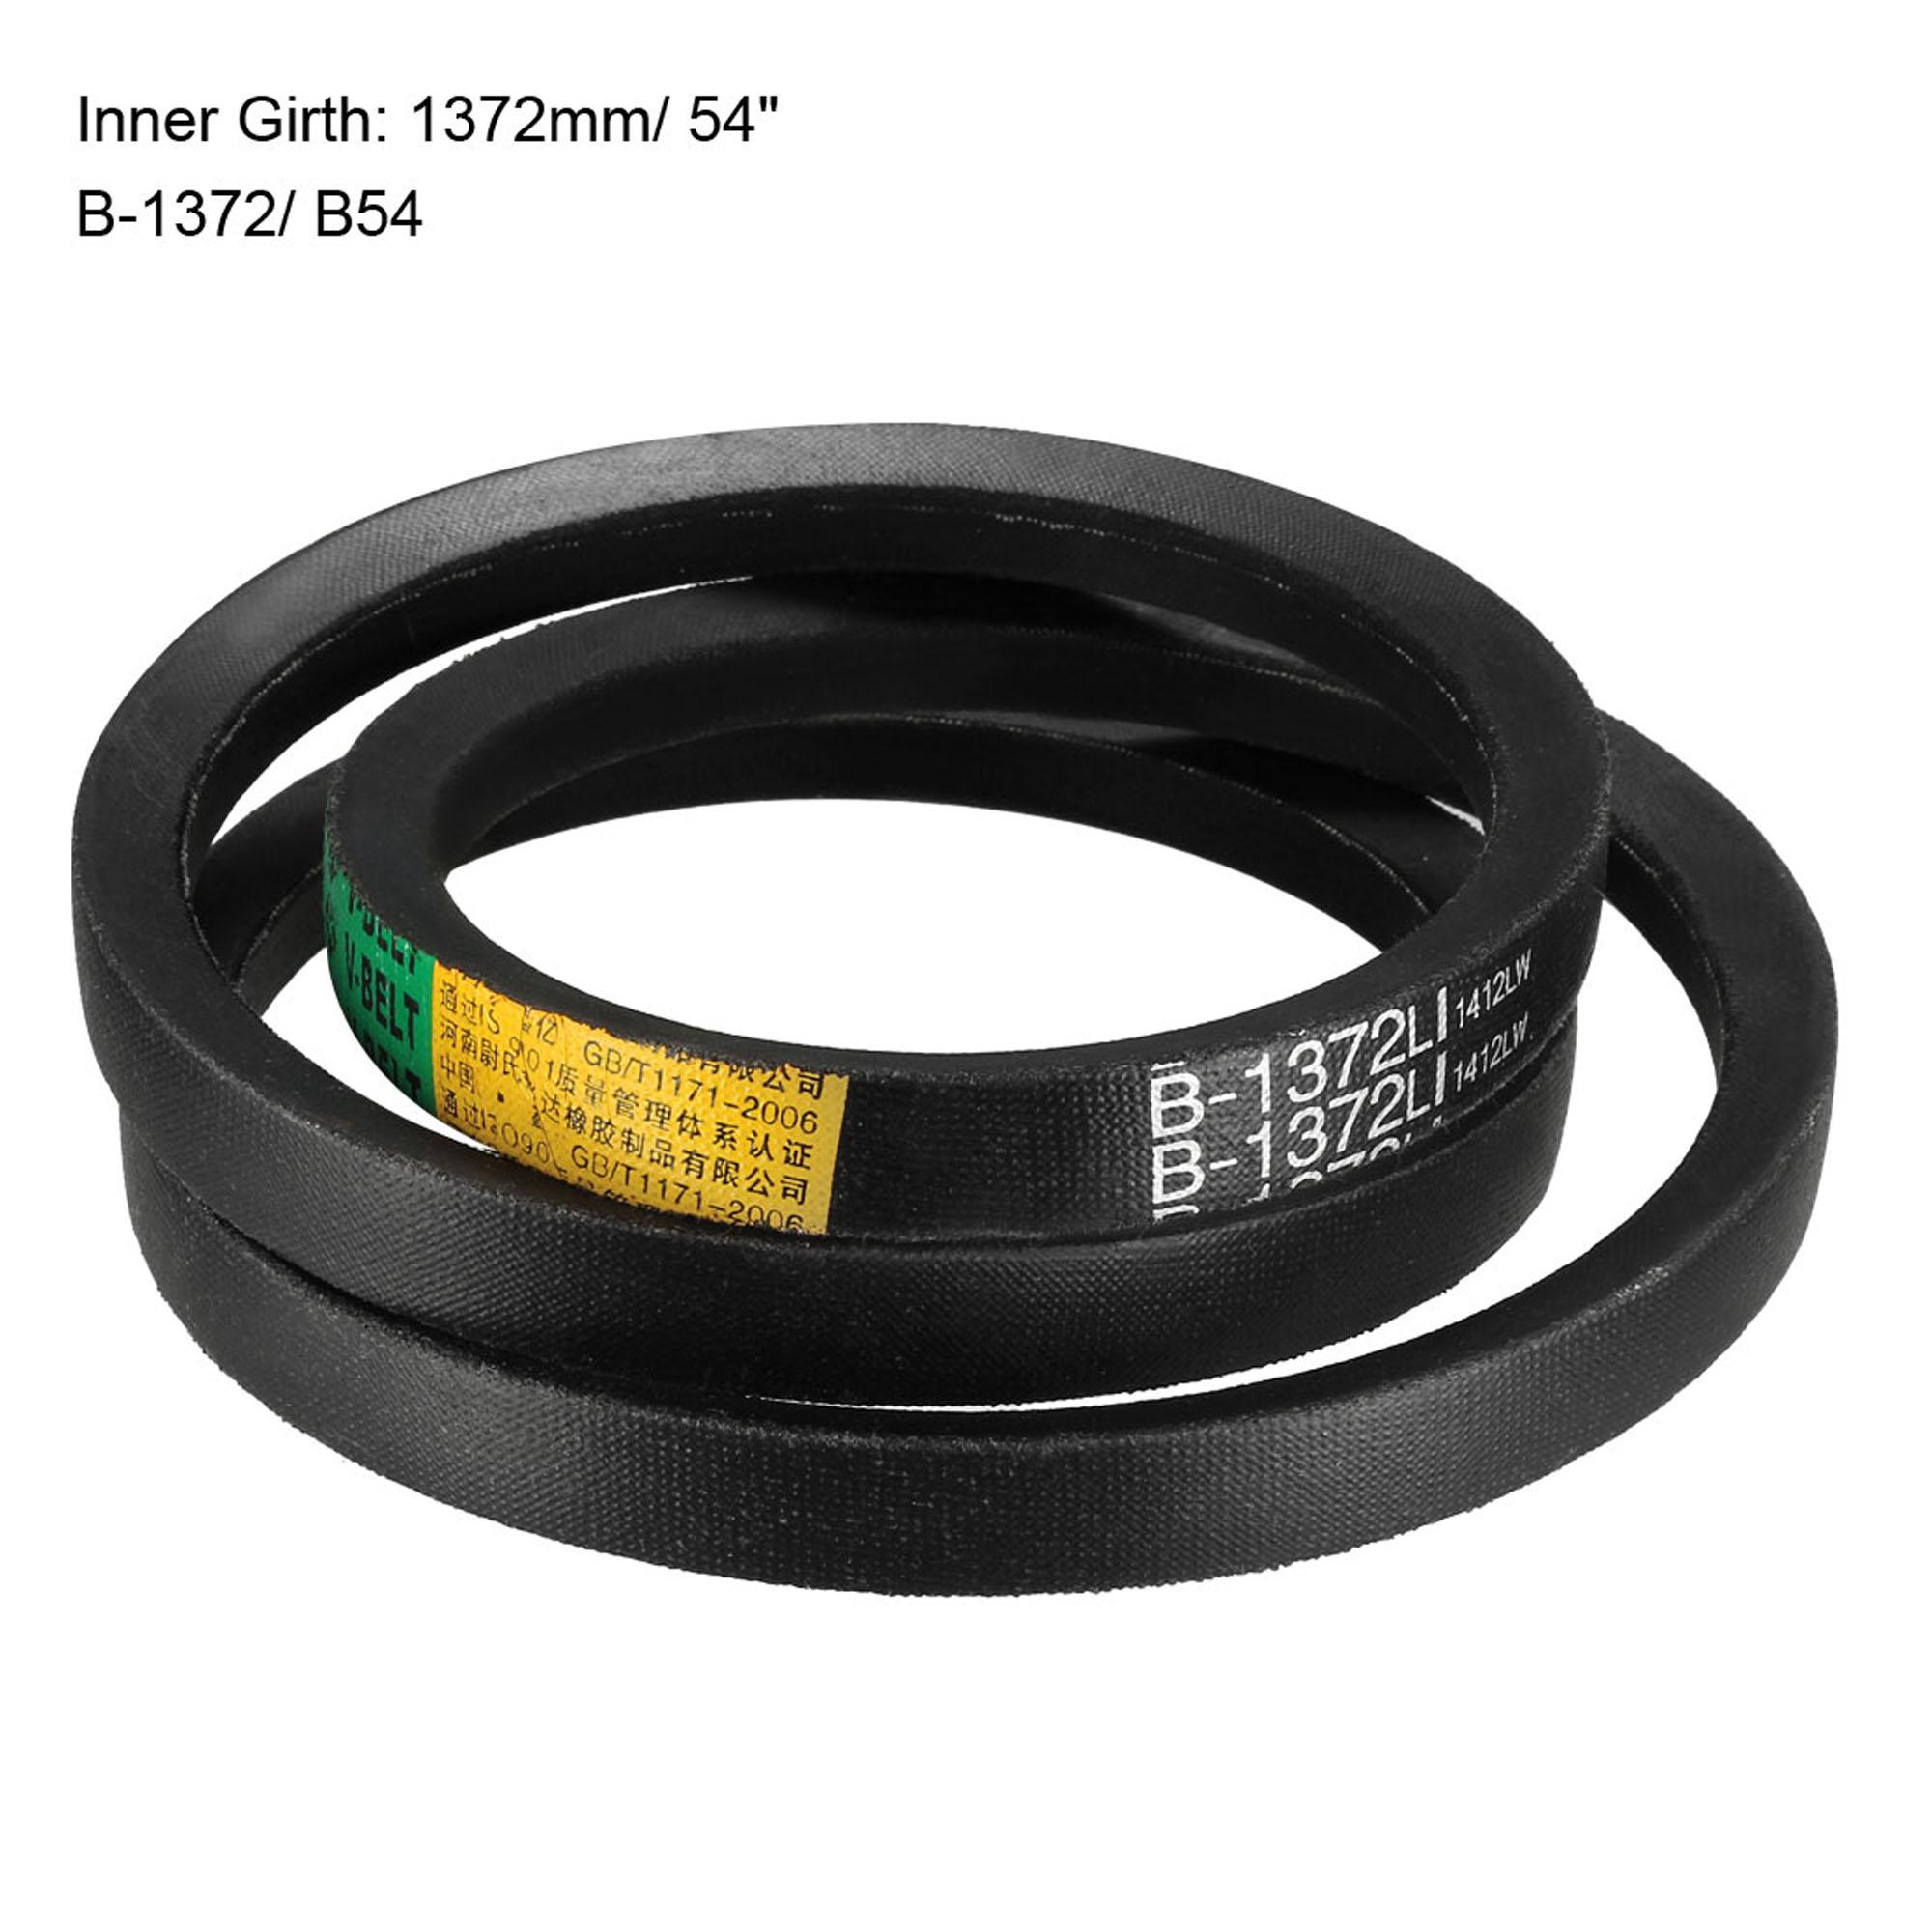 B-1372/B54 Drive V-Belt Inner Girth 54-inch Industrial Power Rubber Transmission Belt - image 3 of 4